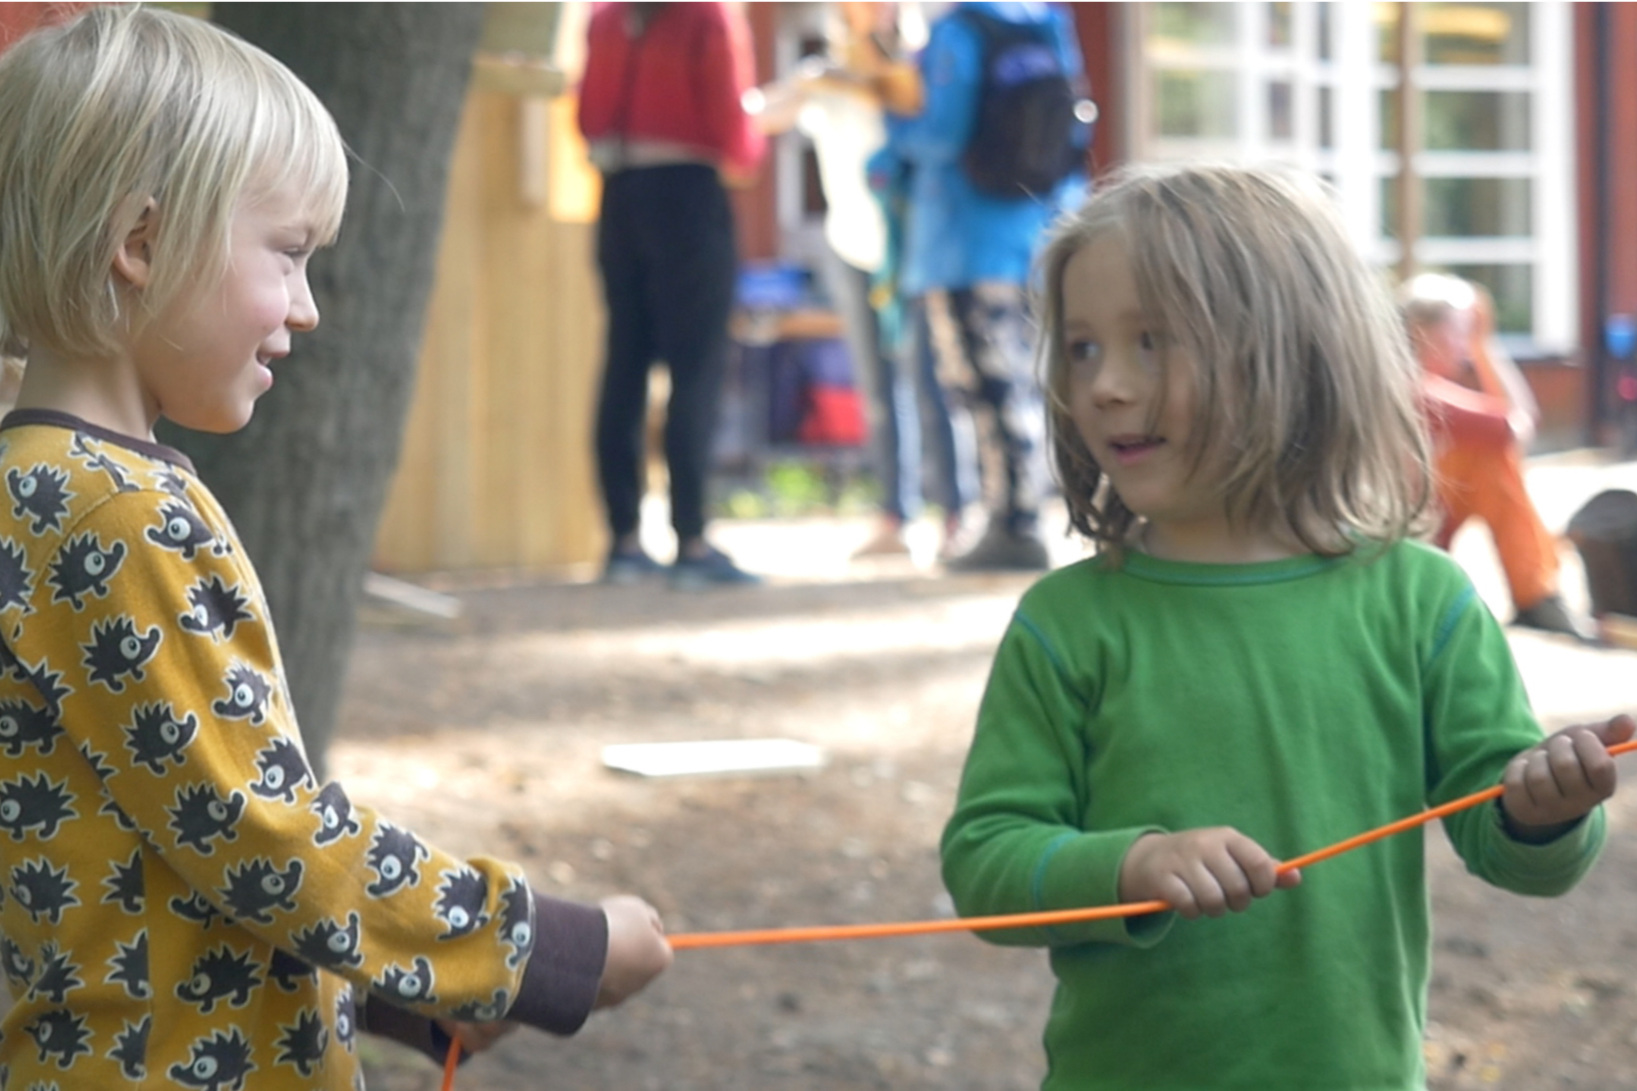 """DEN LEKANDE MÄNNISKAN - En film om lek och tillit, av """"Den lekande människan"""" är en inspirationsfilm om lekens betydelse gjord av Tommy Gärdh/Visionary Film Stockholm producerad tillsammans med Tillitsverket. Vi erbjuder filmvisningar med fördjupande samtal."""